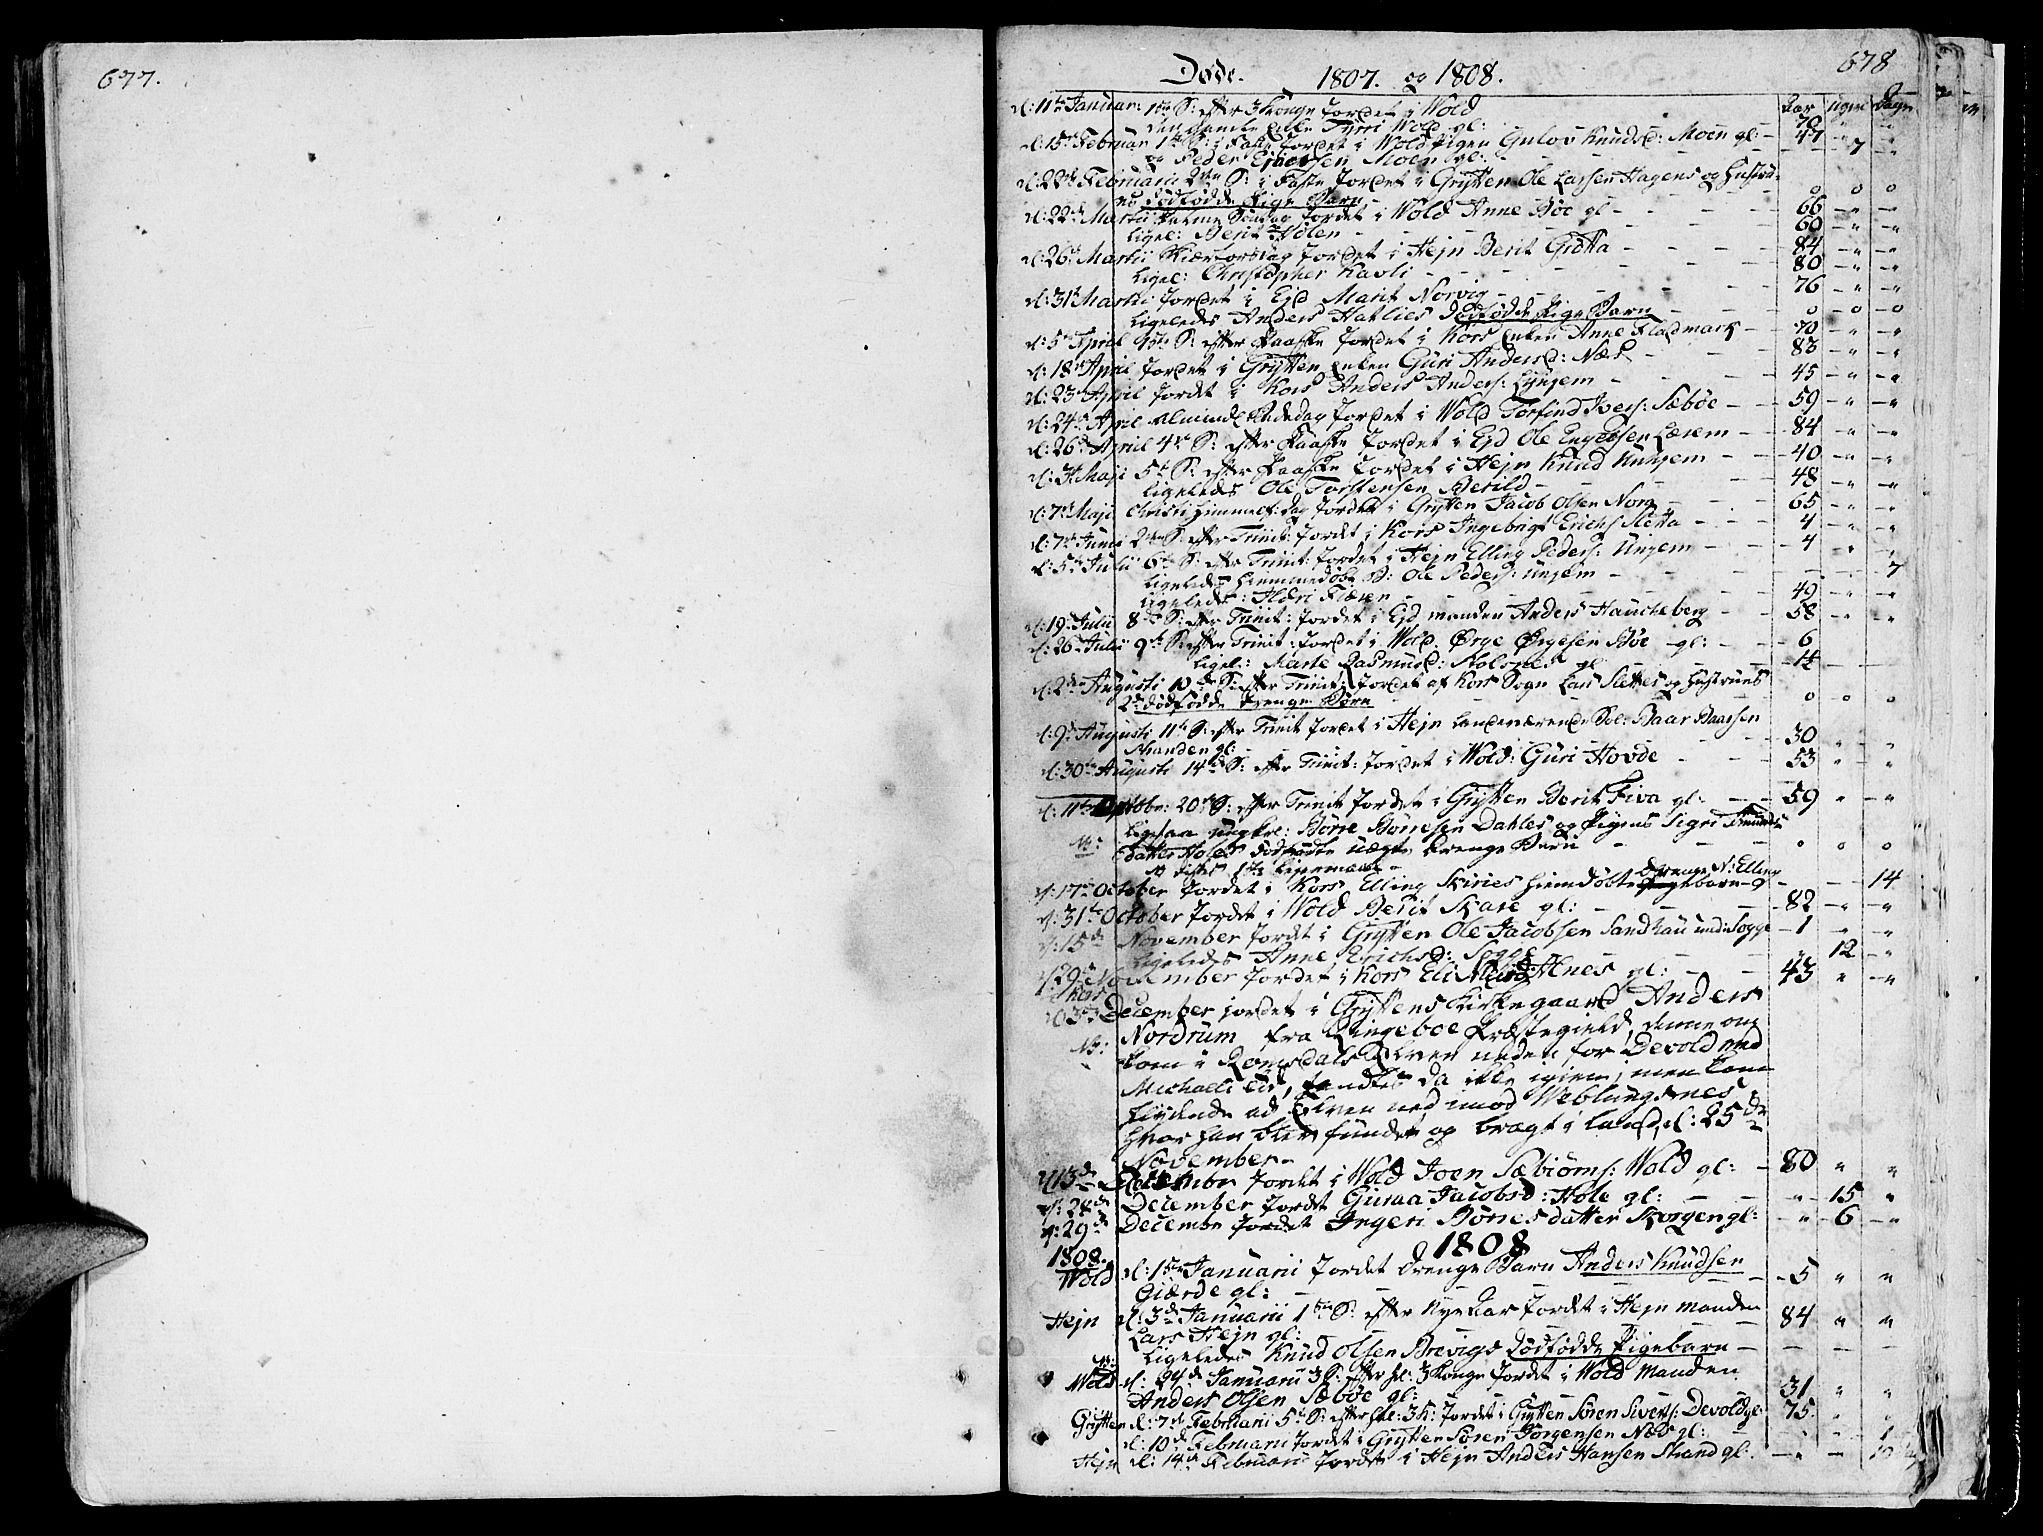 SAT, Ministerialprotokoller, klokkerbøker og fødselsregistre - Møre og Romsdal, 544/L0570: Ministerialbok nr. 544A03, 1807-1817, s. 677-678